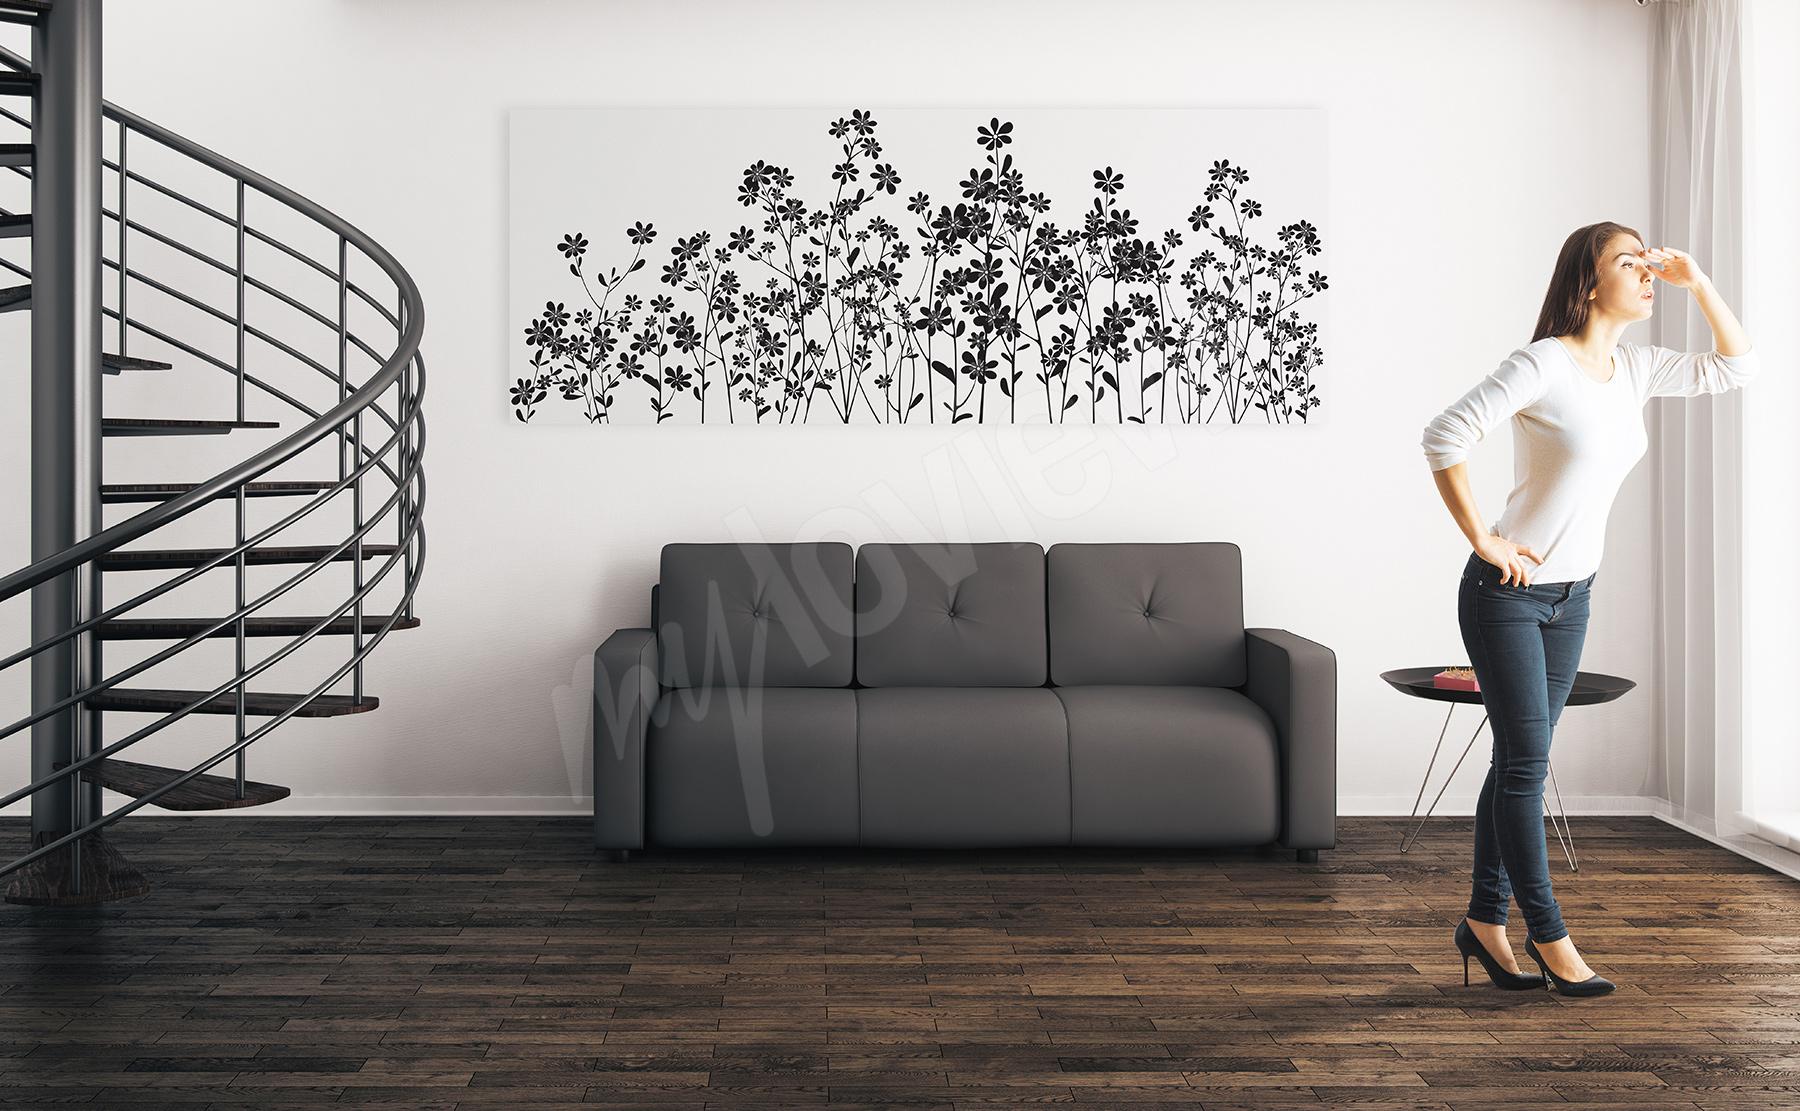 Obrazy Kwiaty Czarno Białe Obrazy Na ścianę Myloviewpl